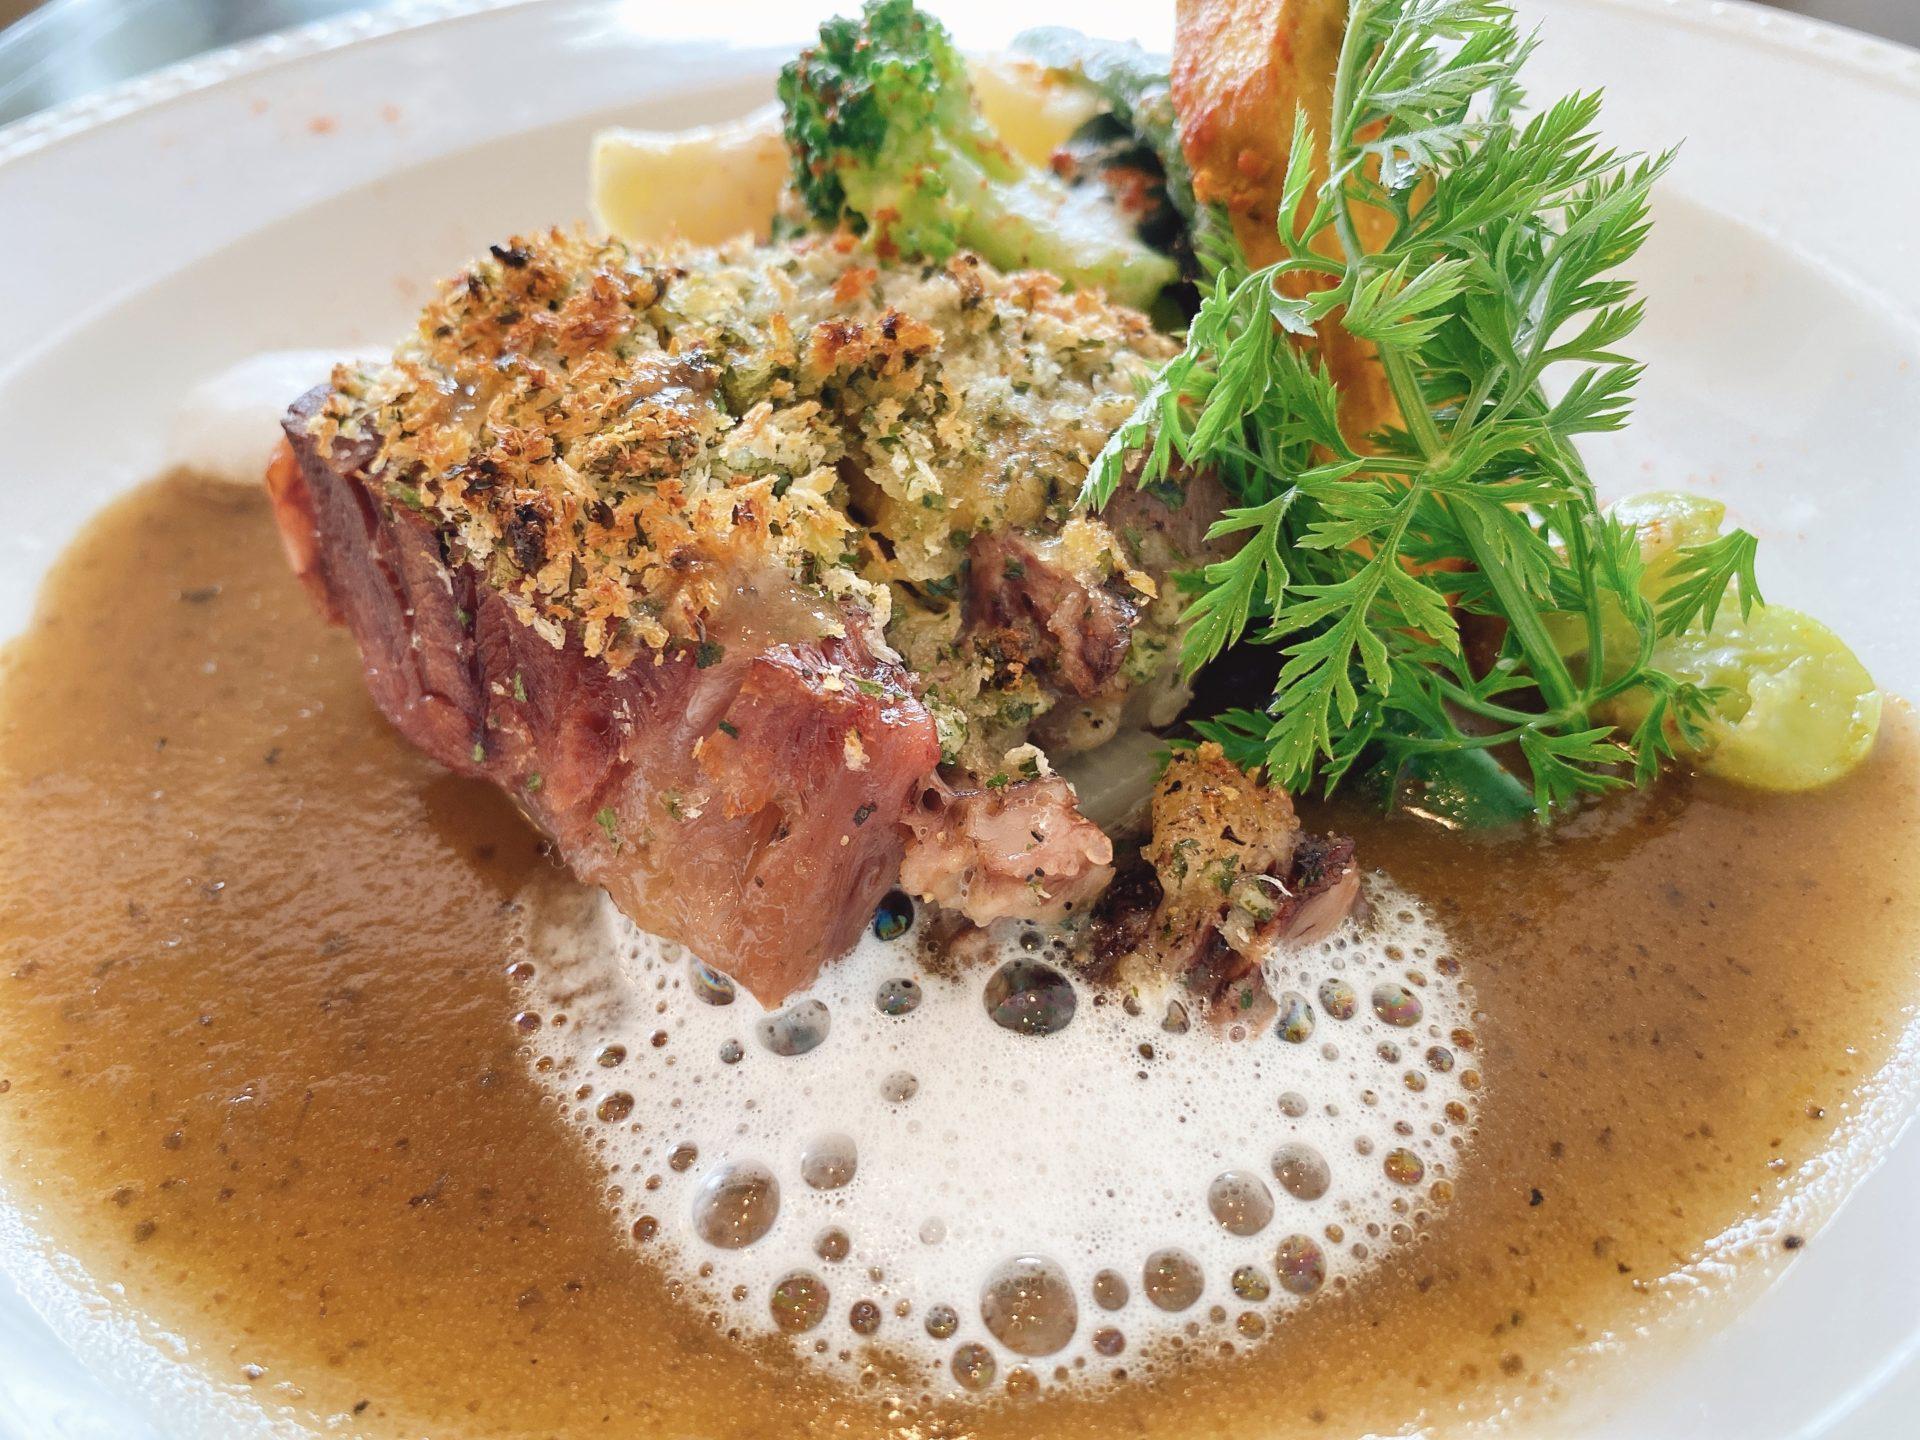 岡山駅から車で6分 フレンチの店【ルヴェール(Le Vert)】で誕生日を祝うランチは<国産牛ヒレステーキ>と<牛すね肉の柔らか煮>のコース